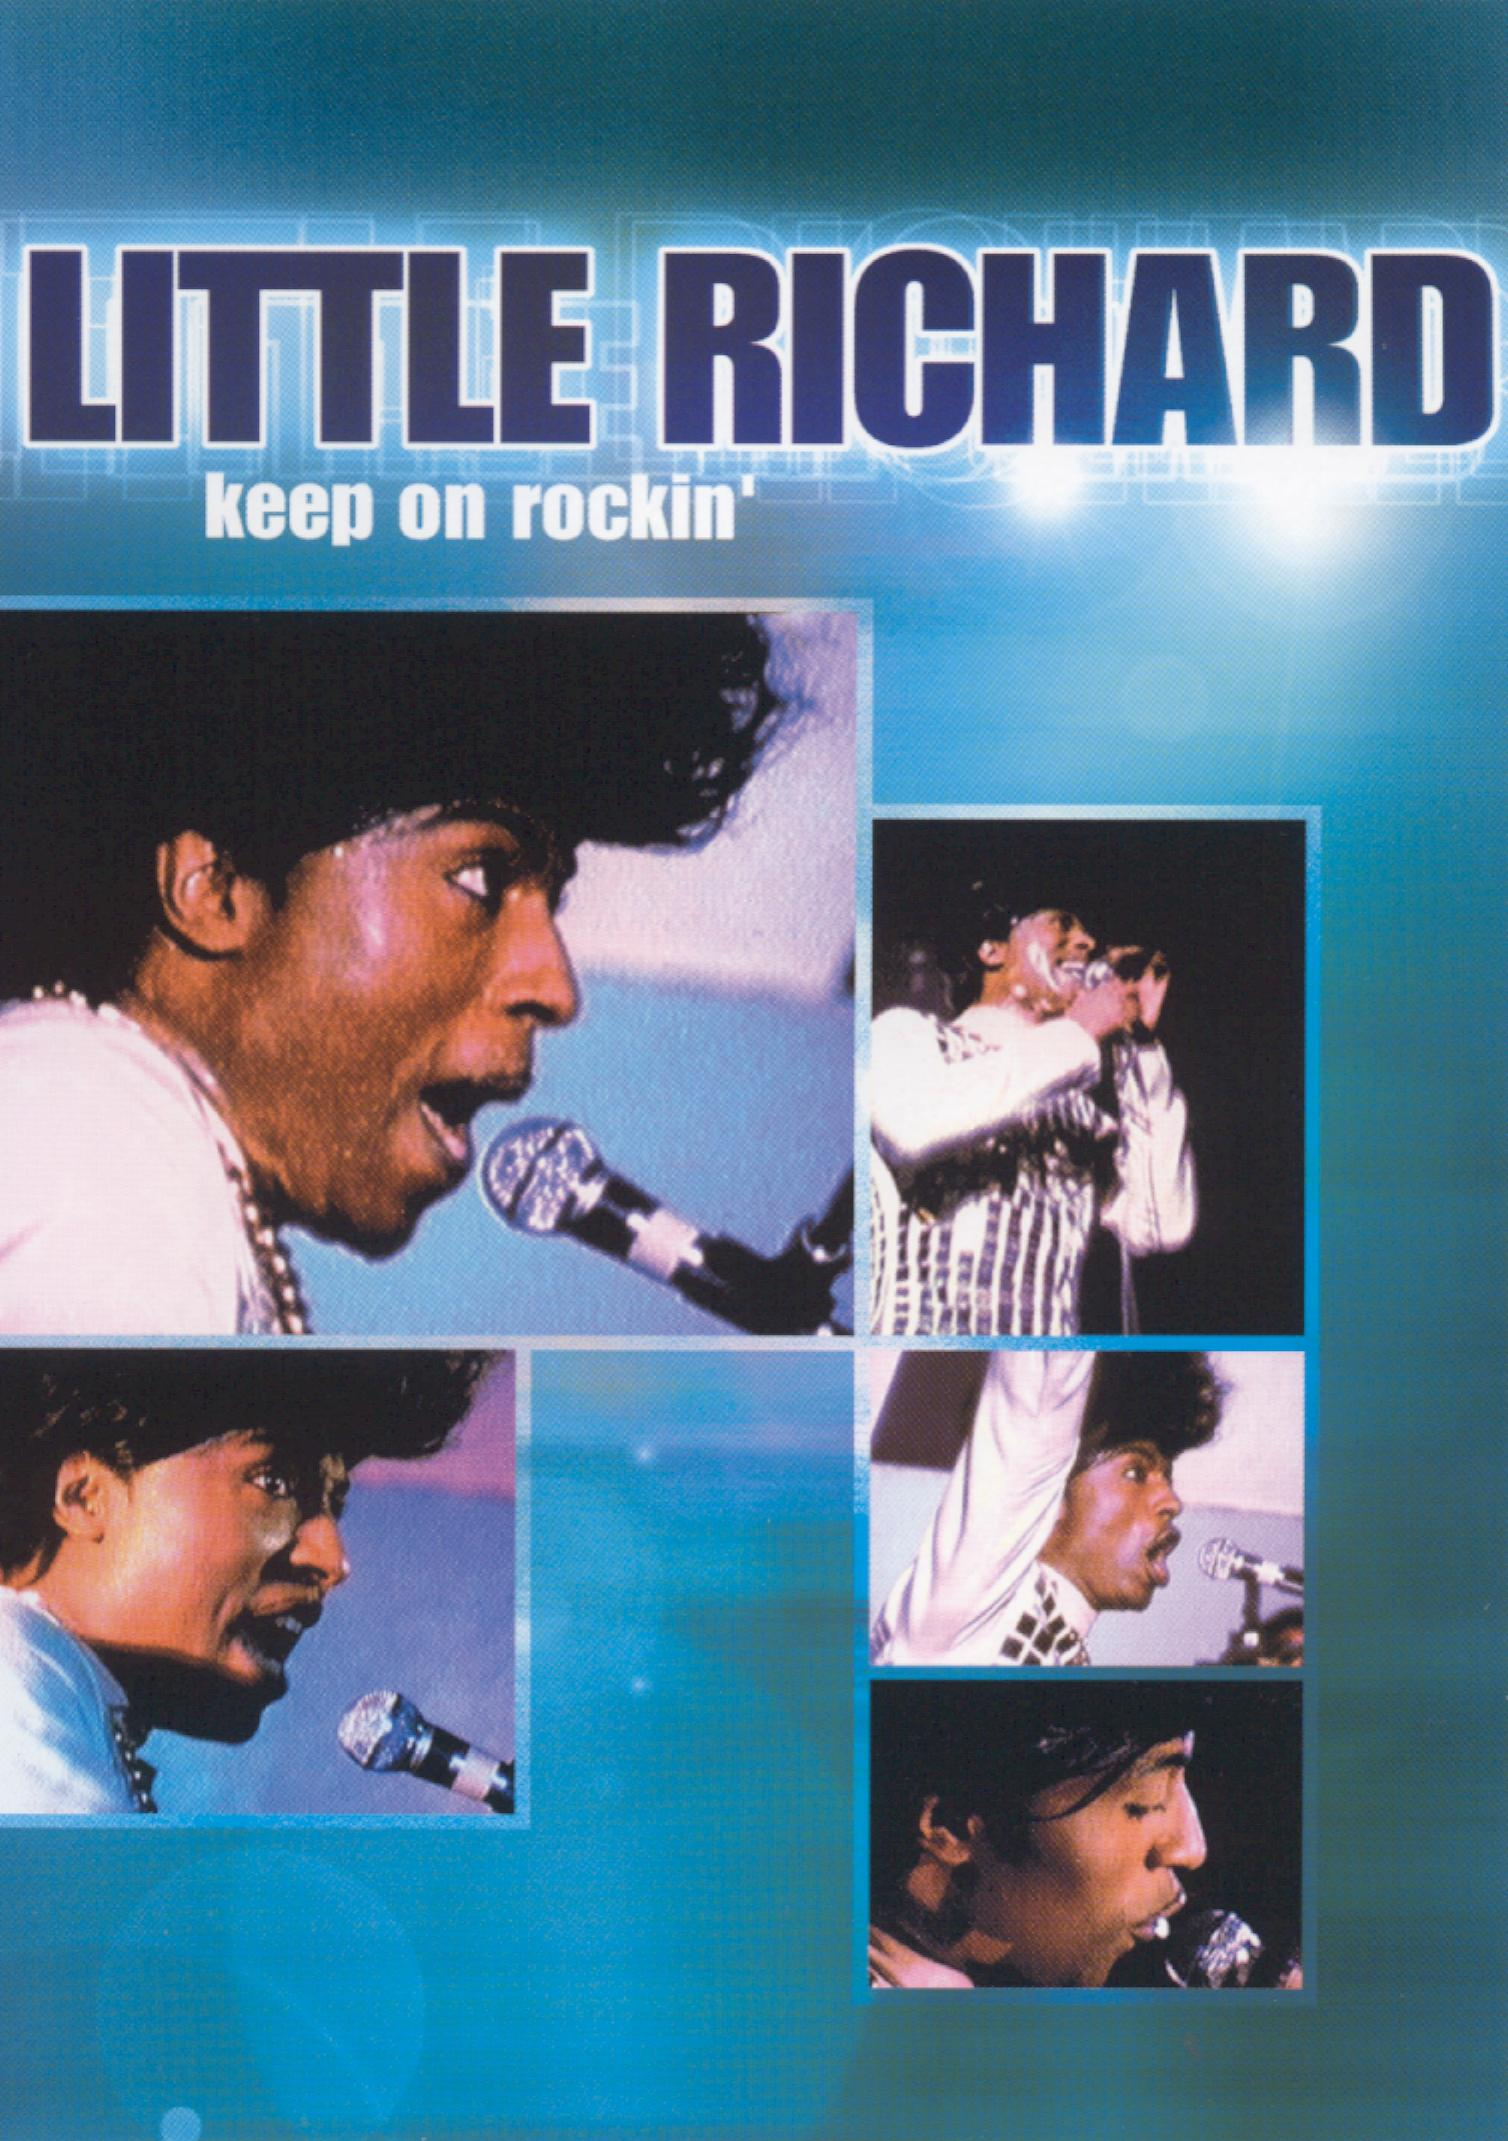 Little Richard: Keep on Rockin'